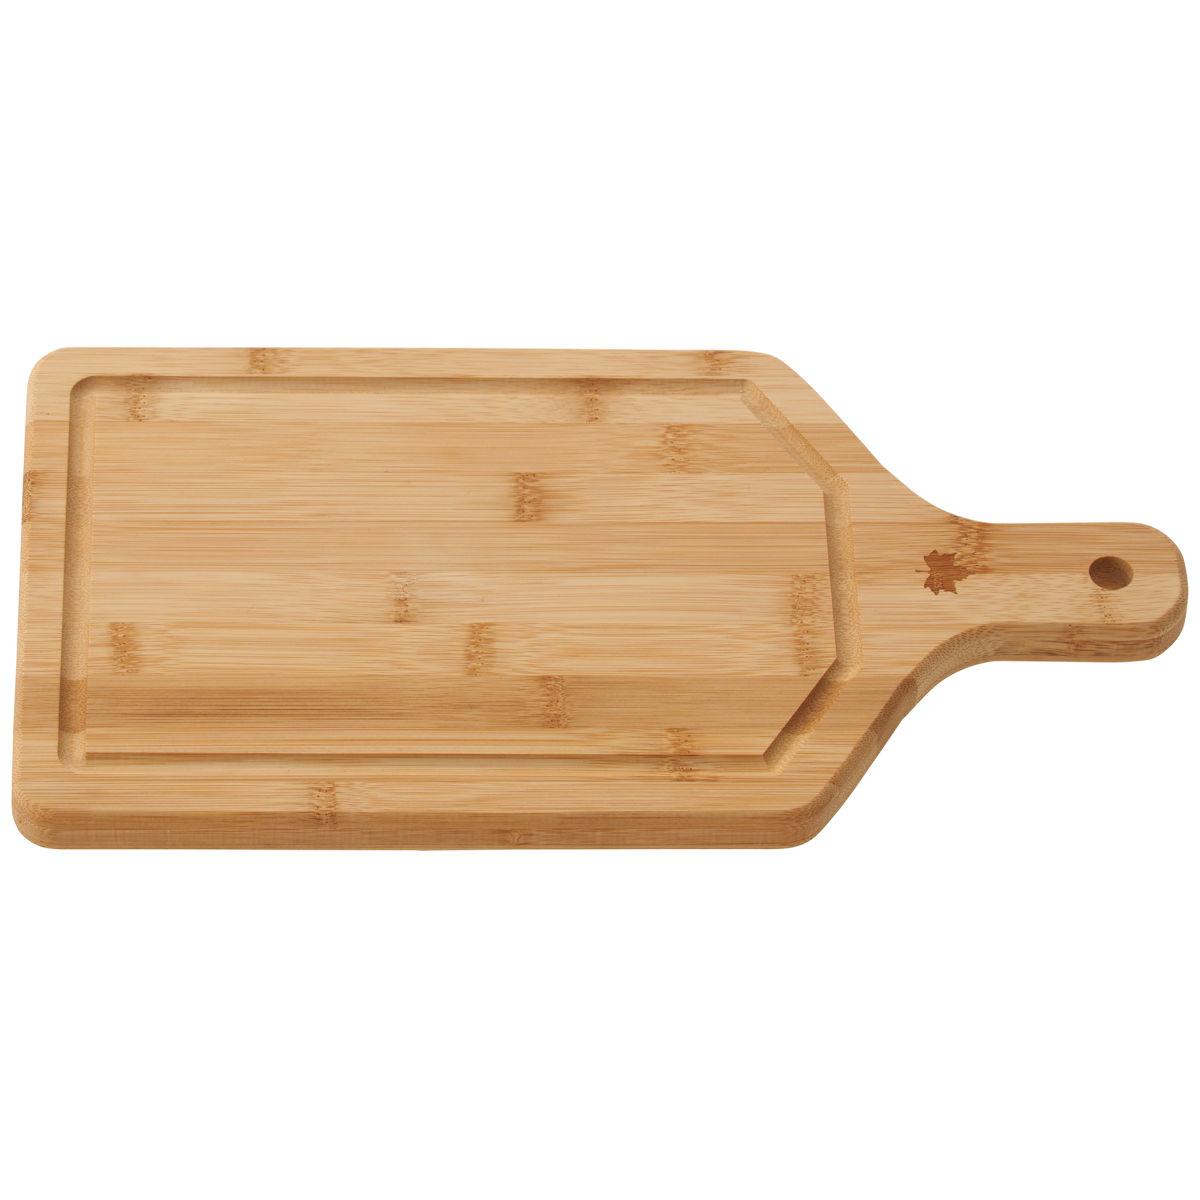 Bamboo 柄付きまな板